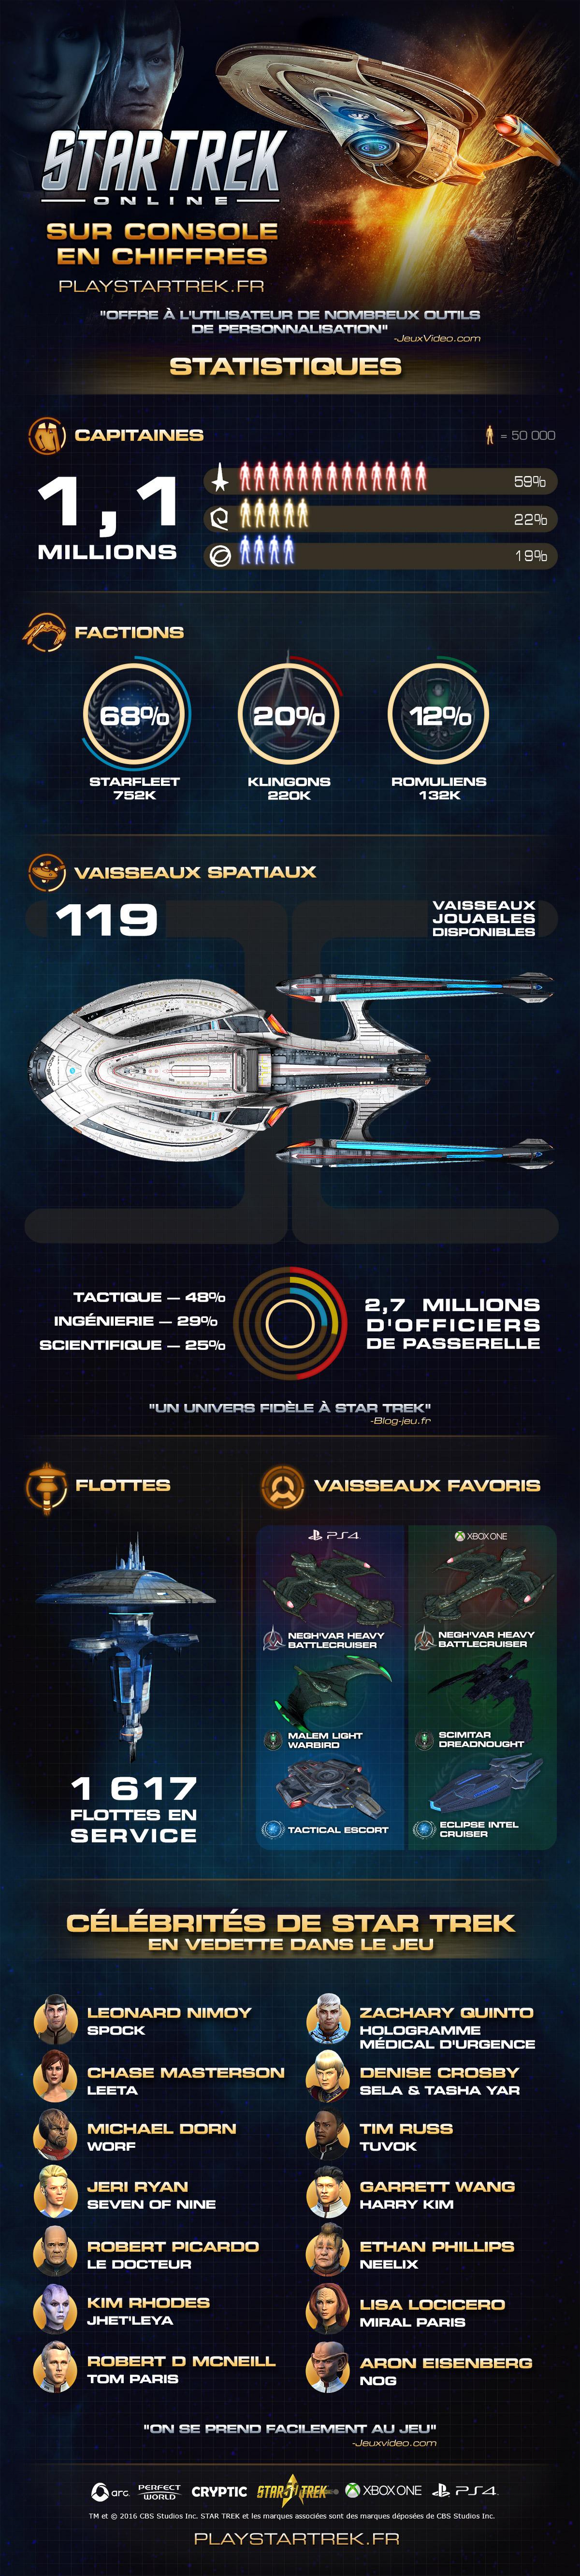 One ps4 star trek online sur console en chiffres - Star trek online console ...